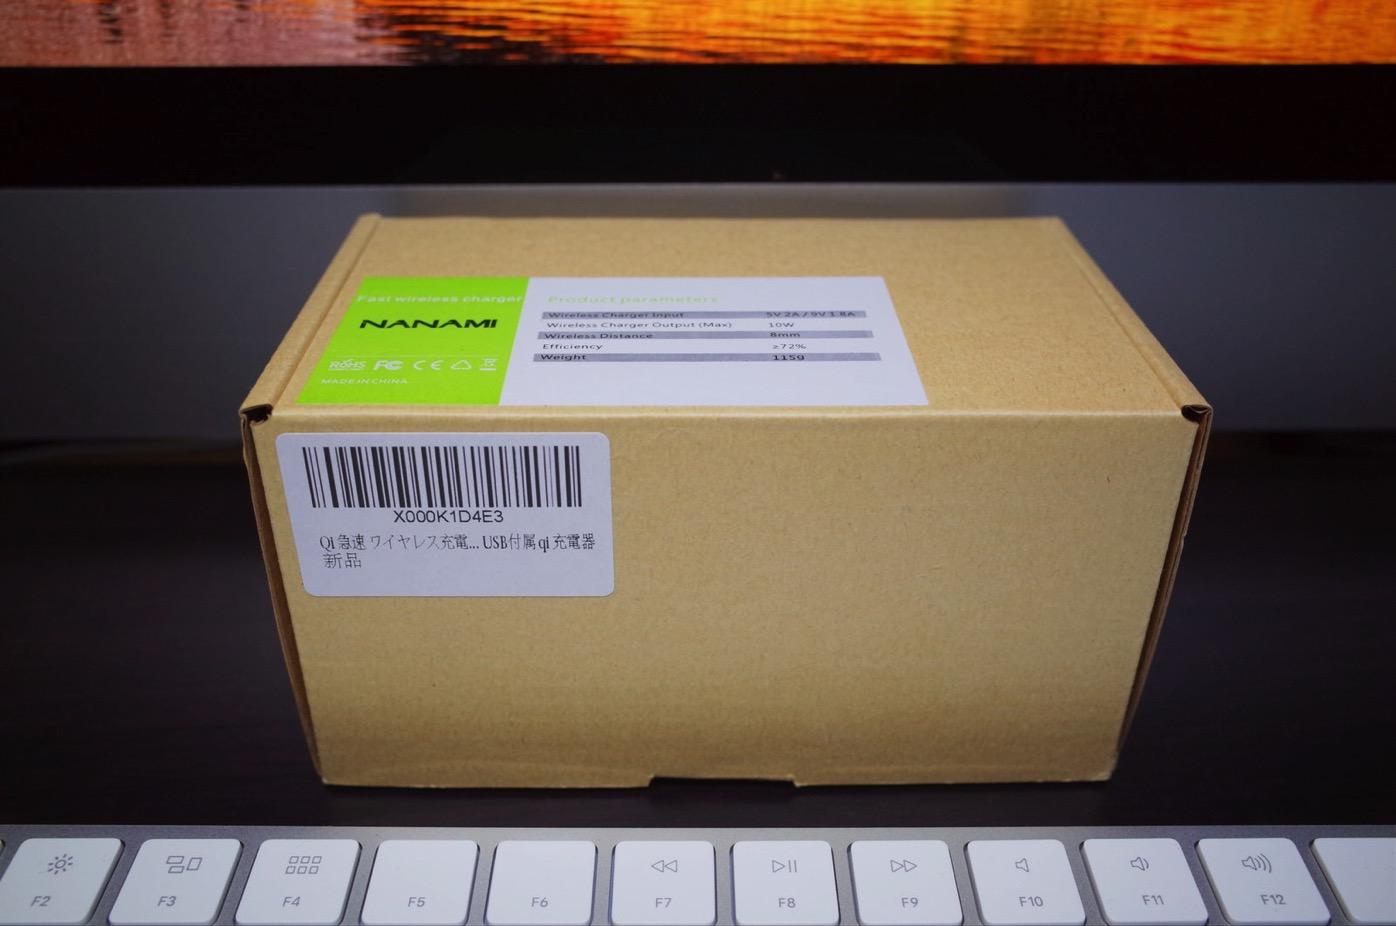 Qi 急速 ワイヤレス充電器 NANAMI Quick Charge 2.0 二つのコイル ワイヤレスチャージャー1